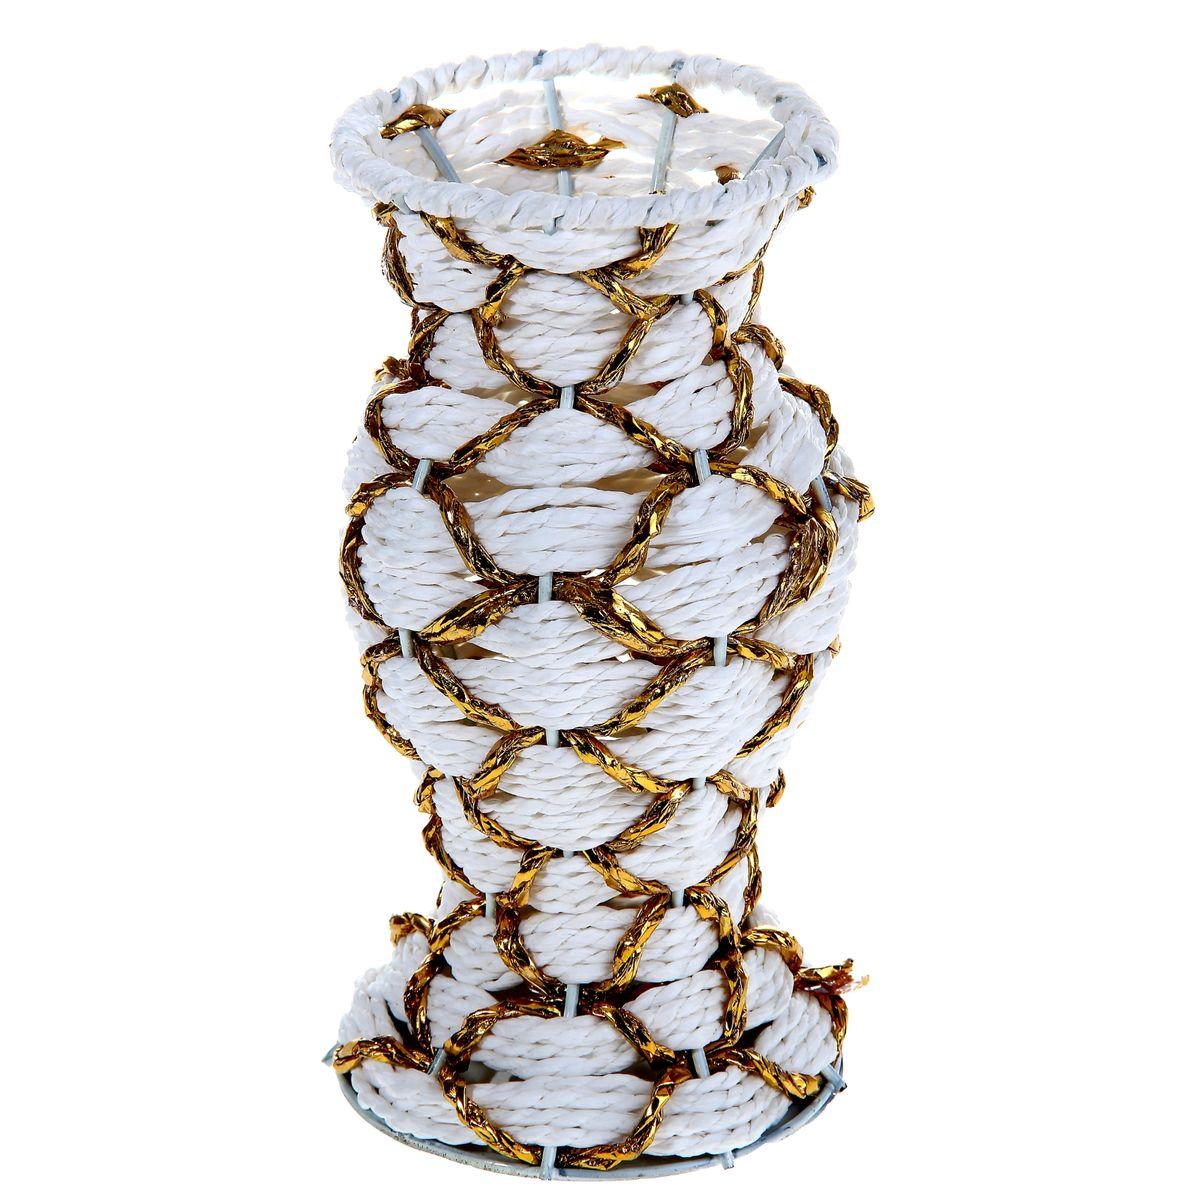 Ваза плетеная Sima-land Соты, высота 19,5 см915889Ваза Sima-land Соты выполнена из металла и дополнена оригинальным плетением. Изделие имеет необычную форму. Ваза предназначена для сухих или искусственных цветов и растений. Красивый блеск и яркое оформление сделают эту вазу замечательным украшением интерьера. Любое помещение выглядит незавершенным без правильно расположенных предметов интерьера. Они помогают создать уют, расставить акценты, подчеркнуть достоинства или скрыть недостатки. Диаметр по верхнему краю: 9,5 см.